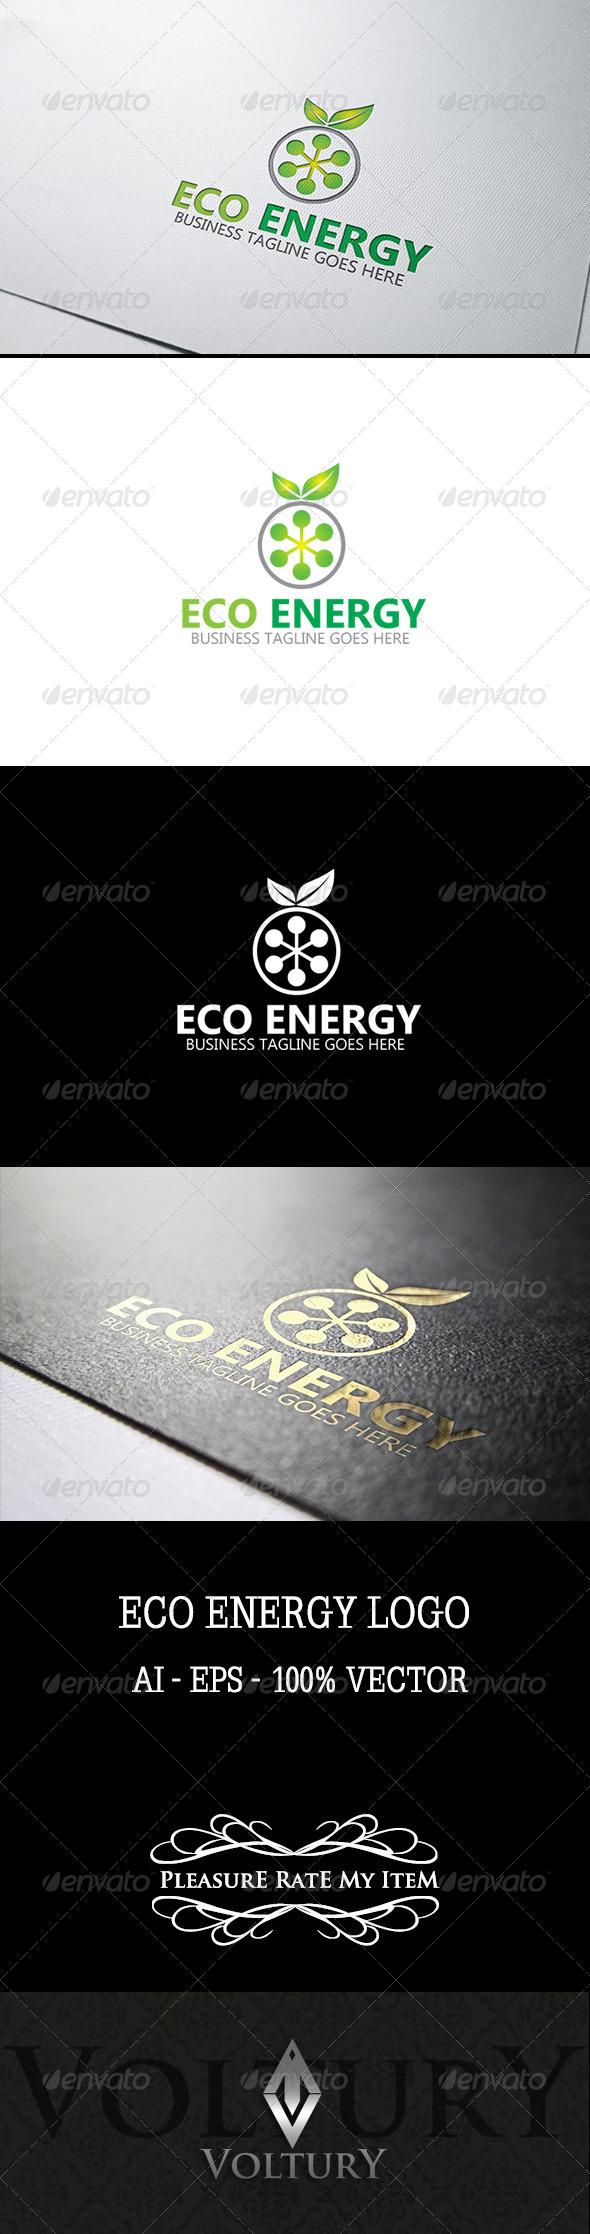 GraphicRiver Eco Energy Logo 7759883